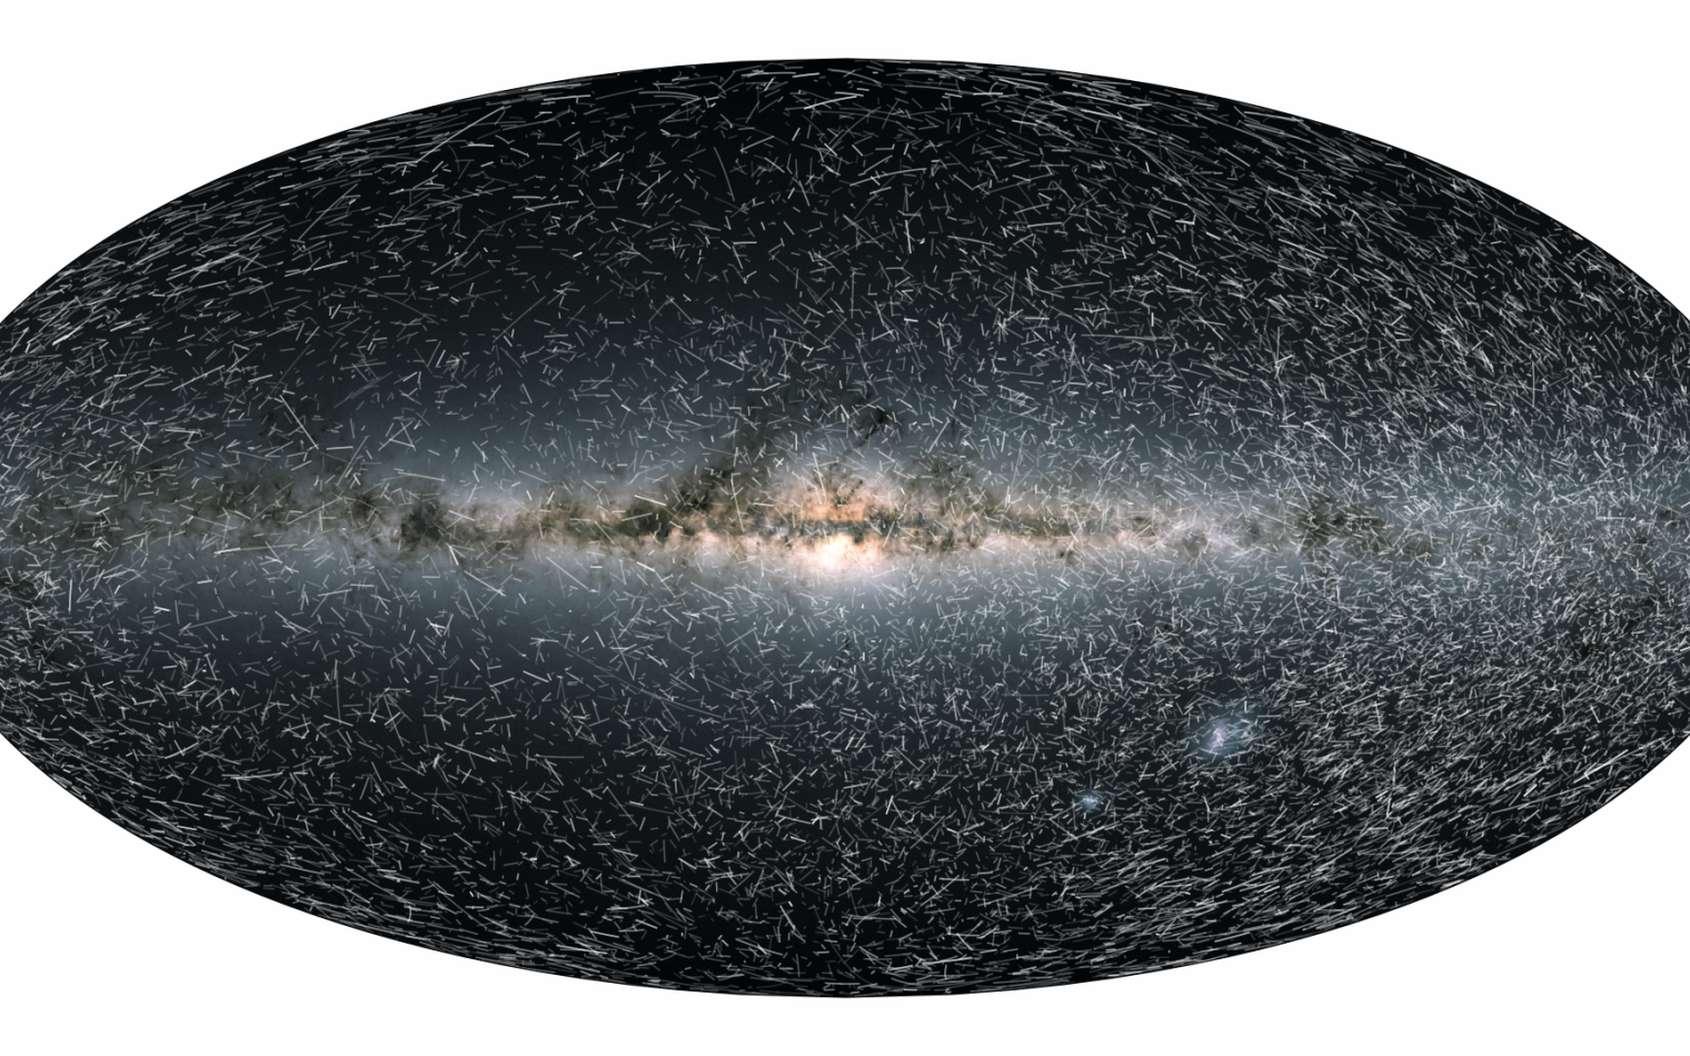 Cette image est extraite de la vidéo principale de l'article de Futura présentant initialement les positions actuelles dans le ciel pour 40.000 étoiles à moins de 100 parsecs (326 années-lumière) du Soleil vues par Gaia. Les points indiquent également la luminosité des étoiles. Les images suivantes montrent des traînées qui indiquent comment les étoiles changent de position sur le ciel à des intervalles de temps de 80.000 ans dans le futur pendant 1,6 million d'années. L'animation montre en fait les traînées d'étoiles seulement sur 400.000 ans dans le futur. © ESA/Gaia/DPAC, CC by-sa 3.0 IGO